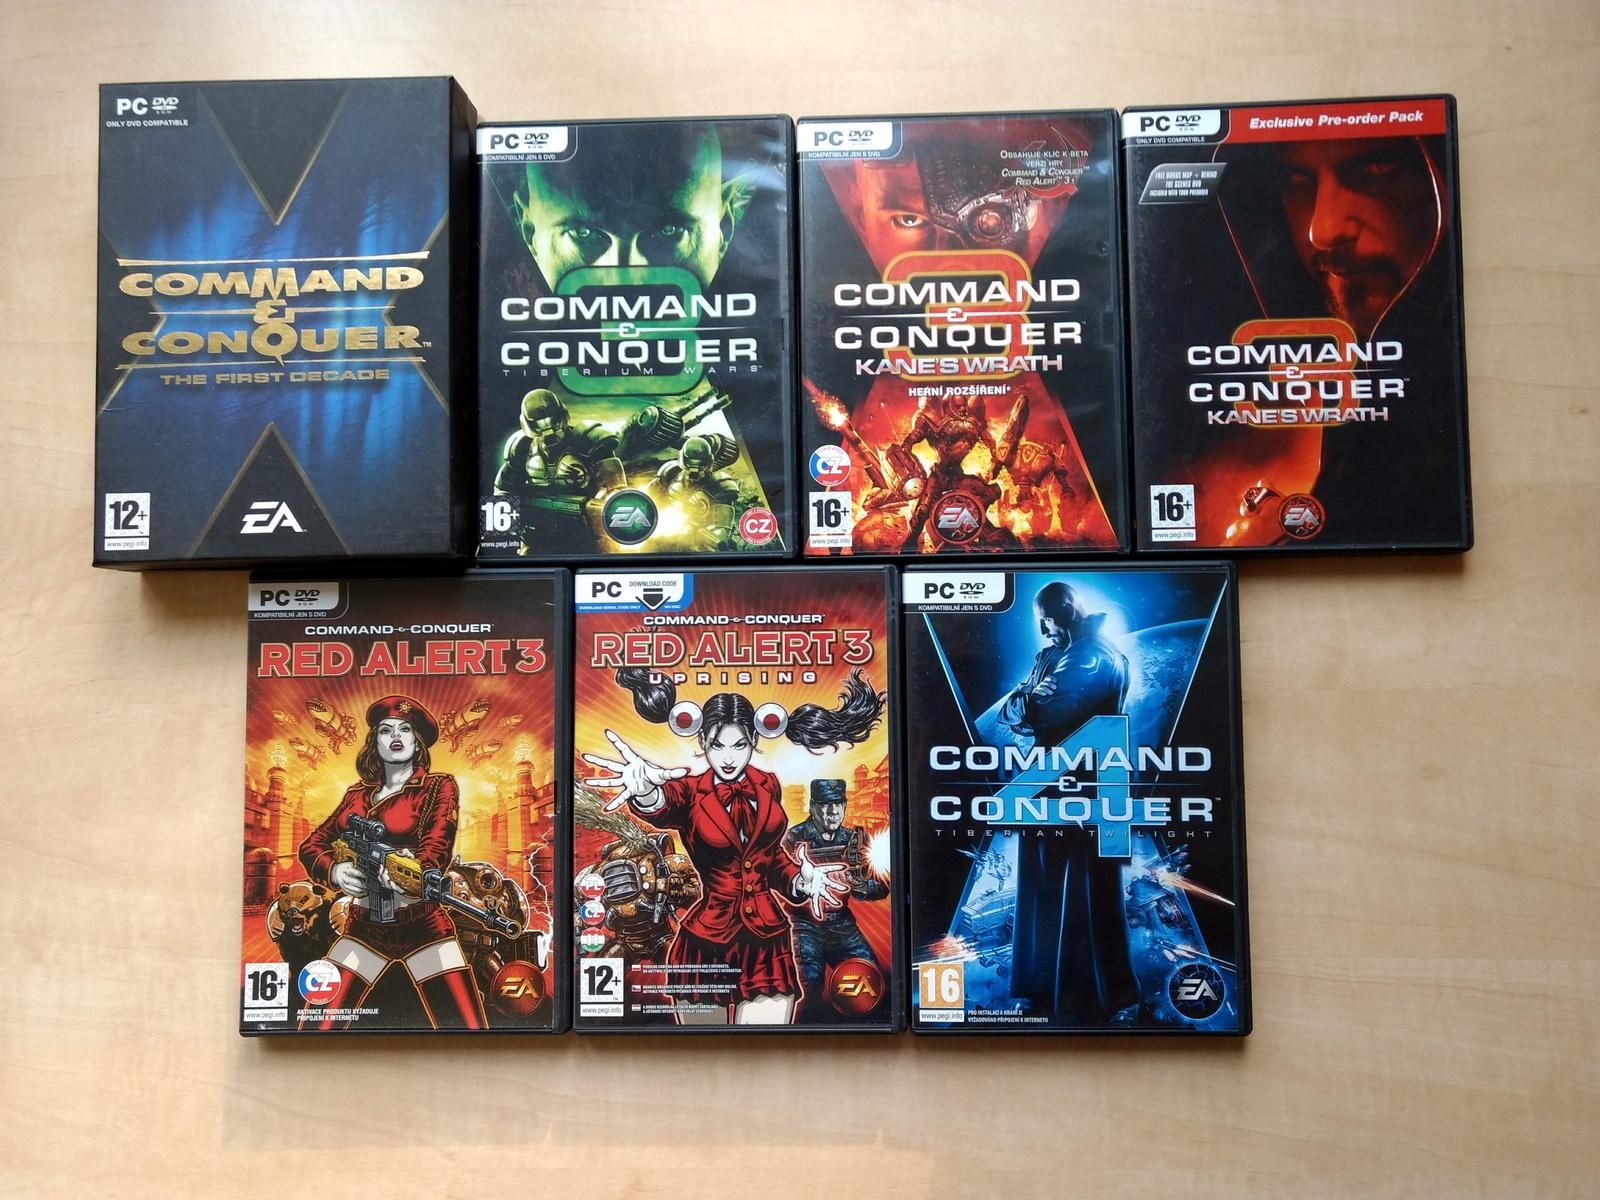 Command & Conquer | PC: Staré hry | Forum